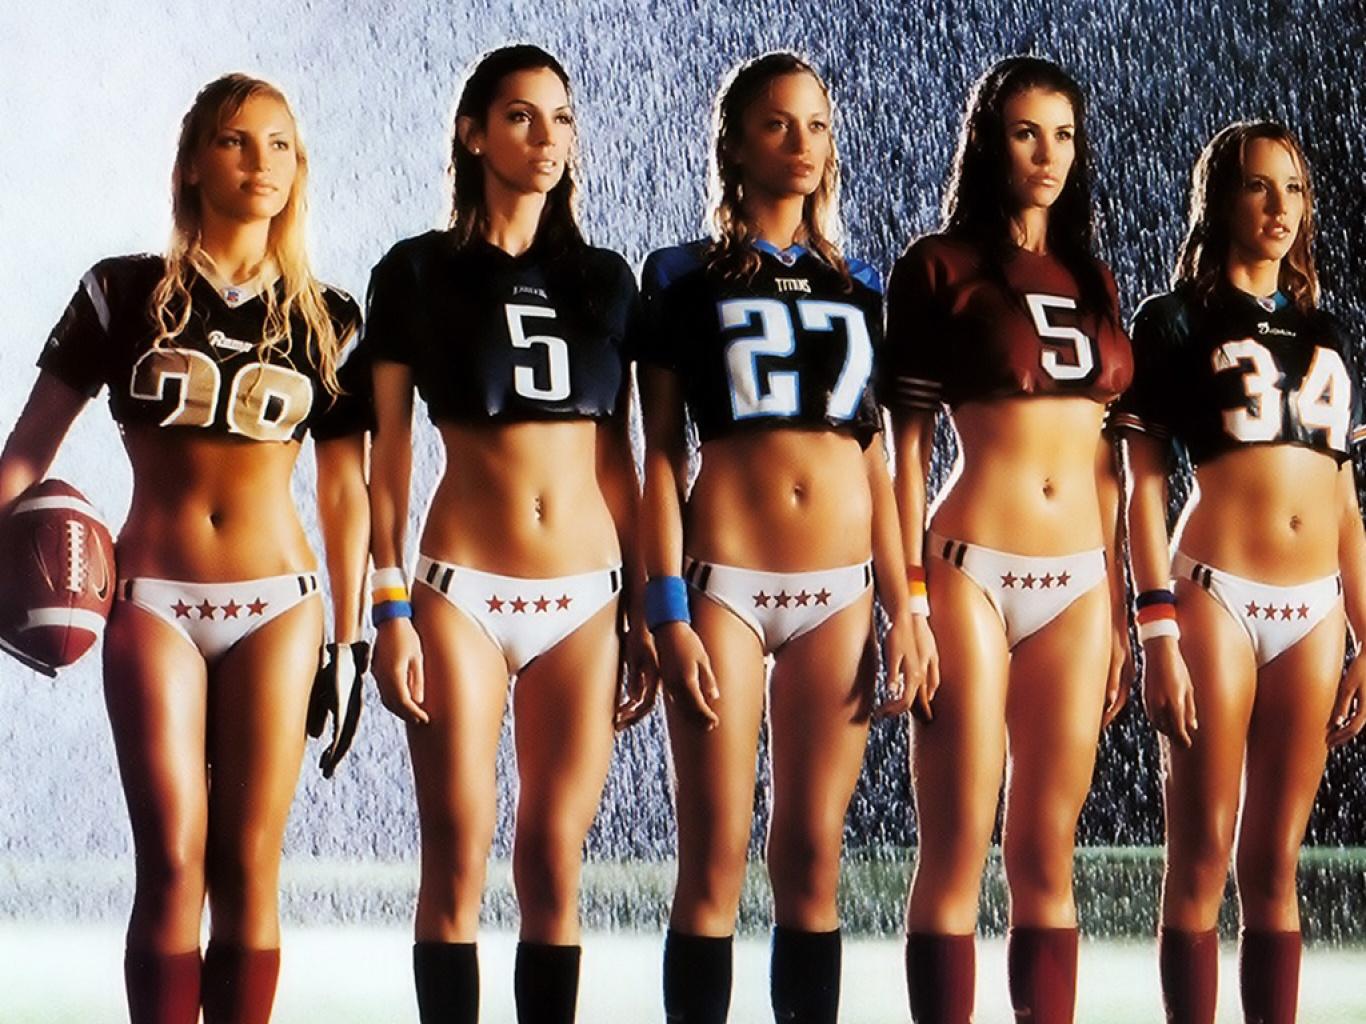 Bikinis y tacleadas en la liga de fútbol americano de México  - Imagenes De Futbol Americano De Mujeres